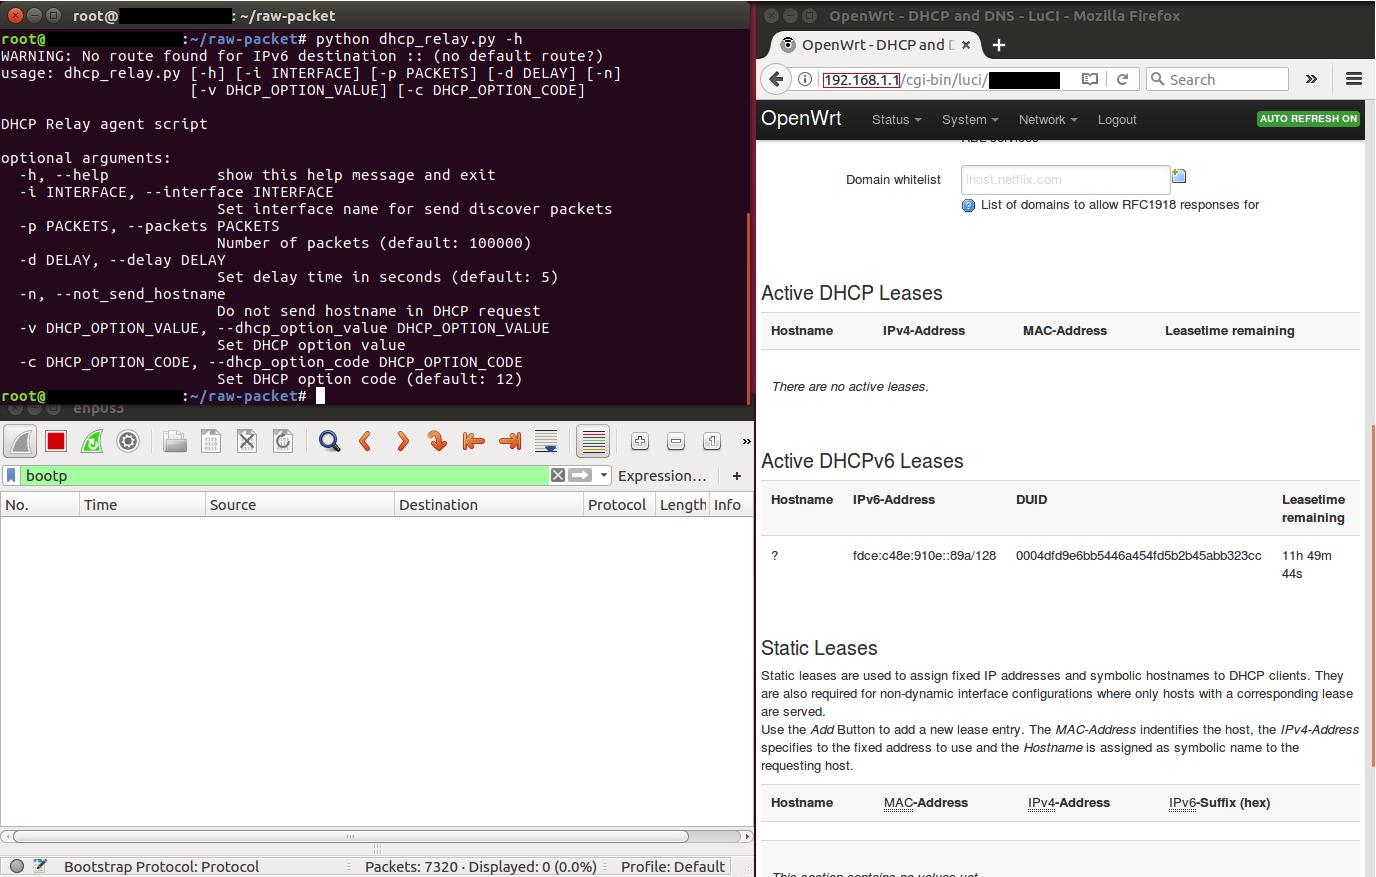 DHCP relay script help